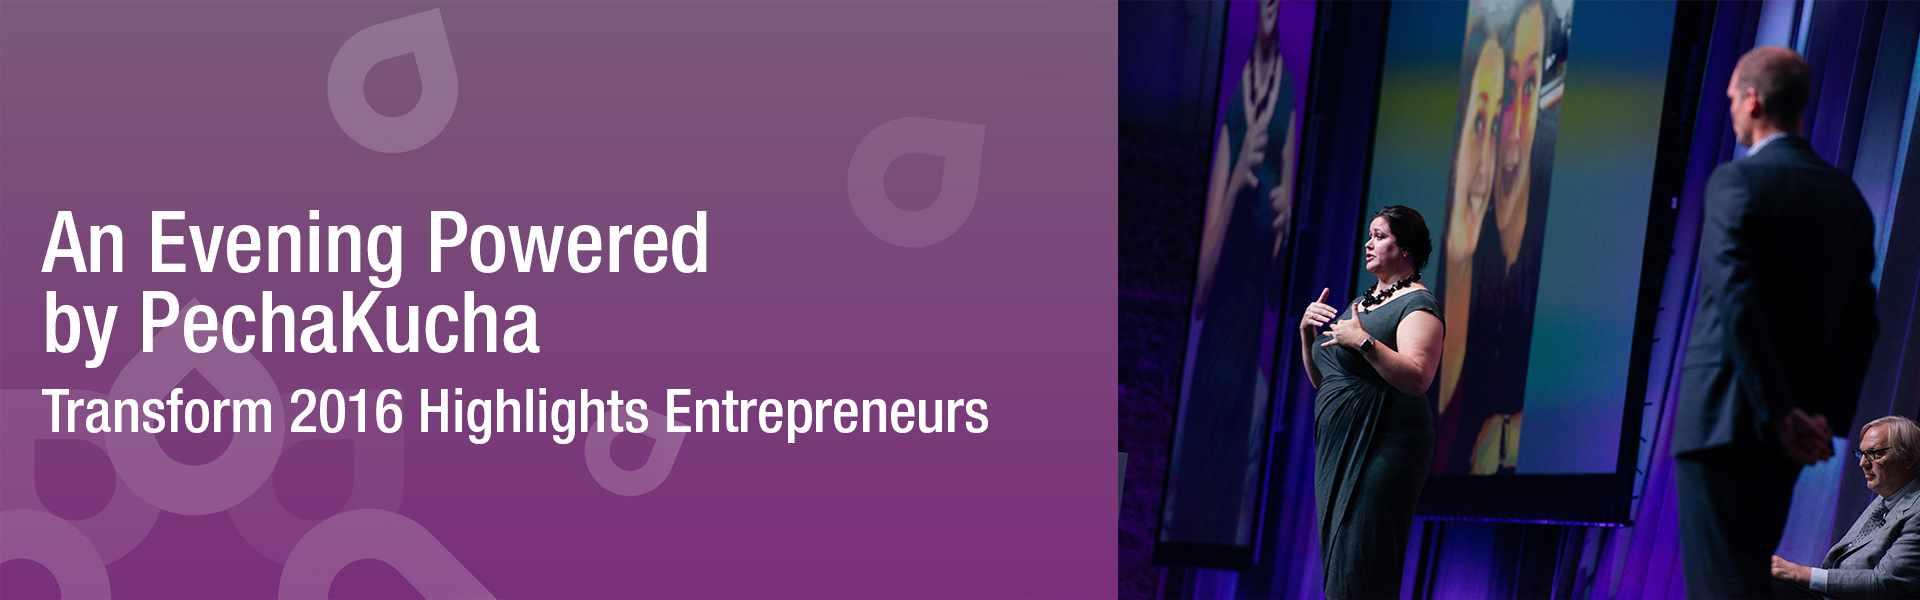 Mayo entrepreneurs among highlights at Transform